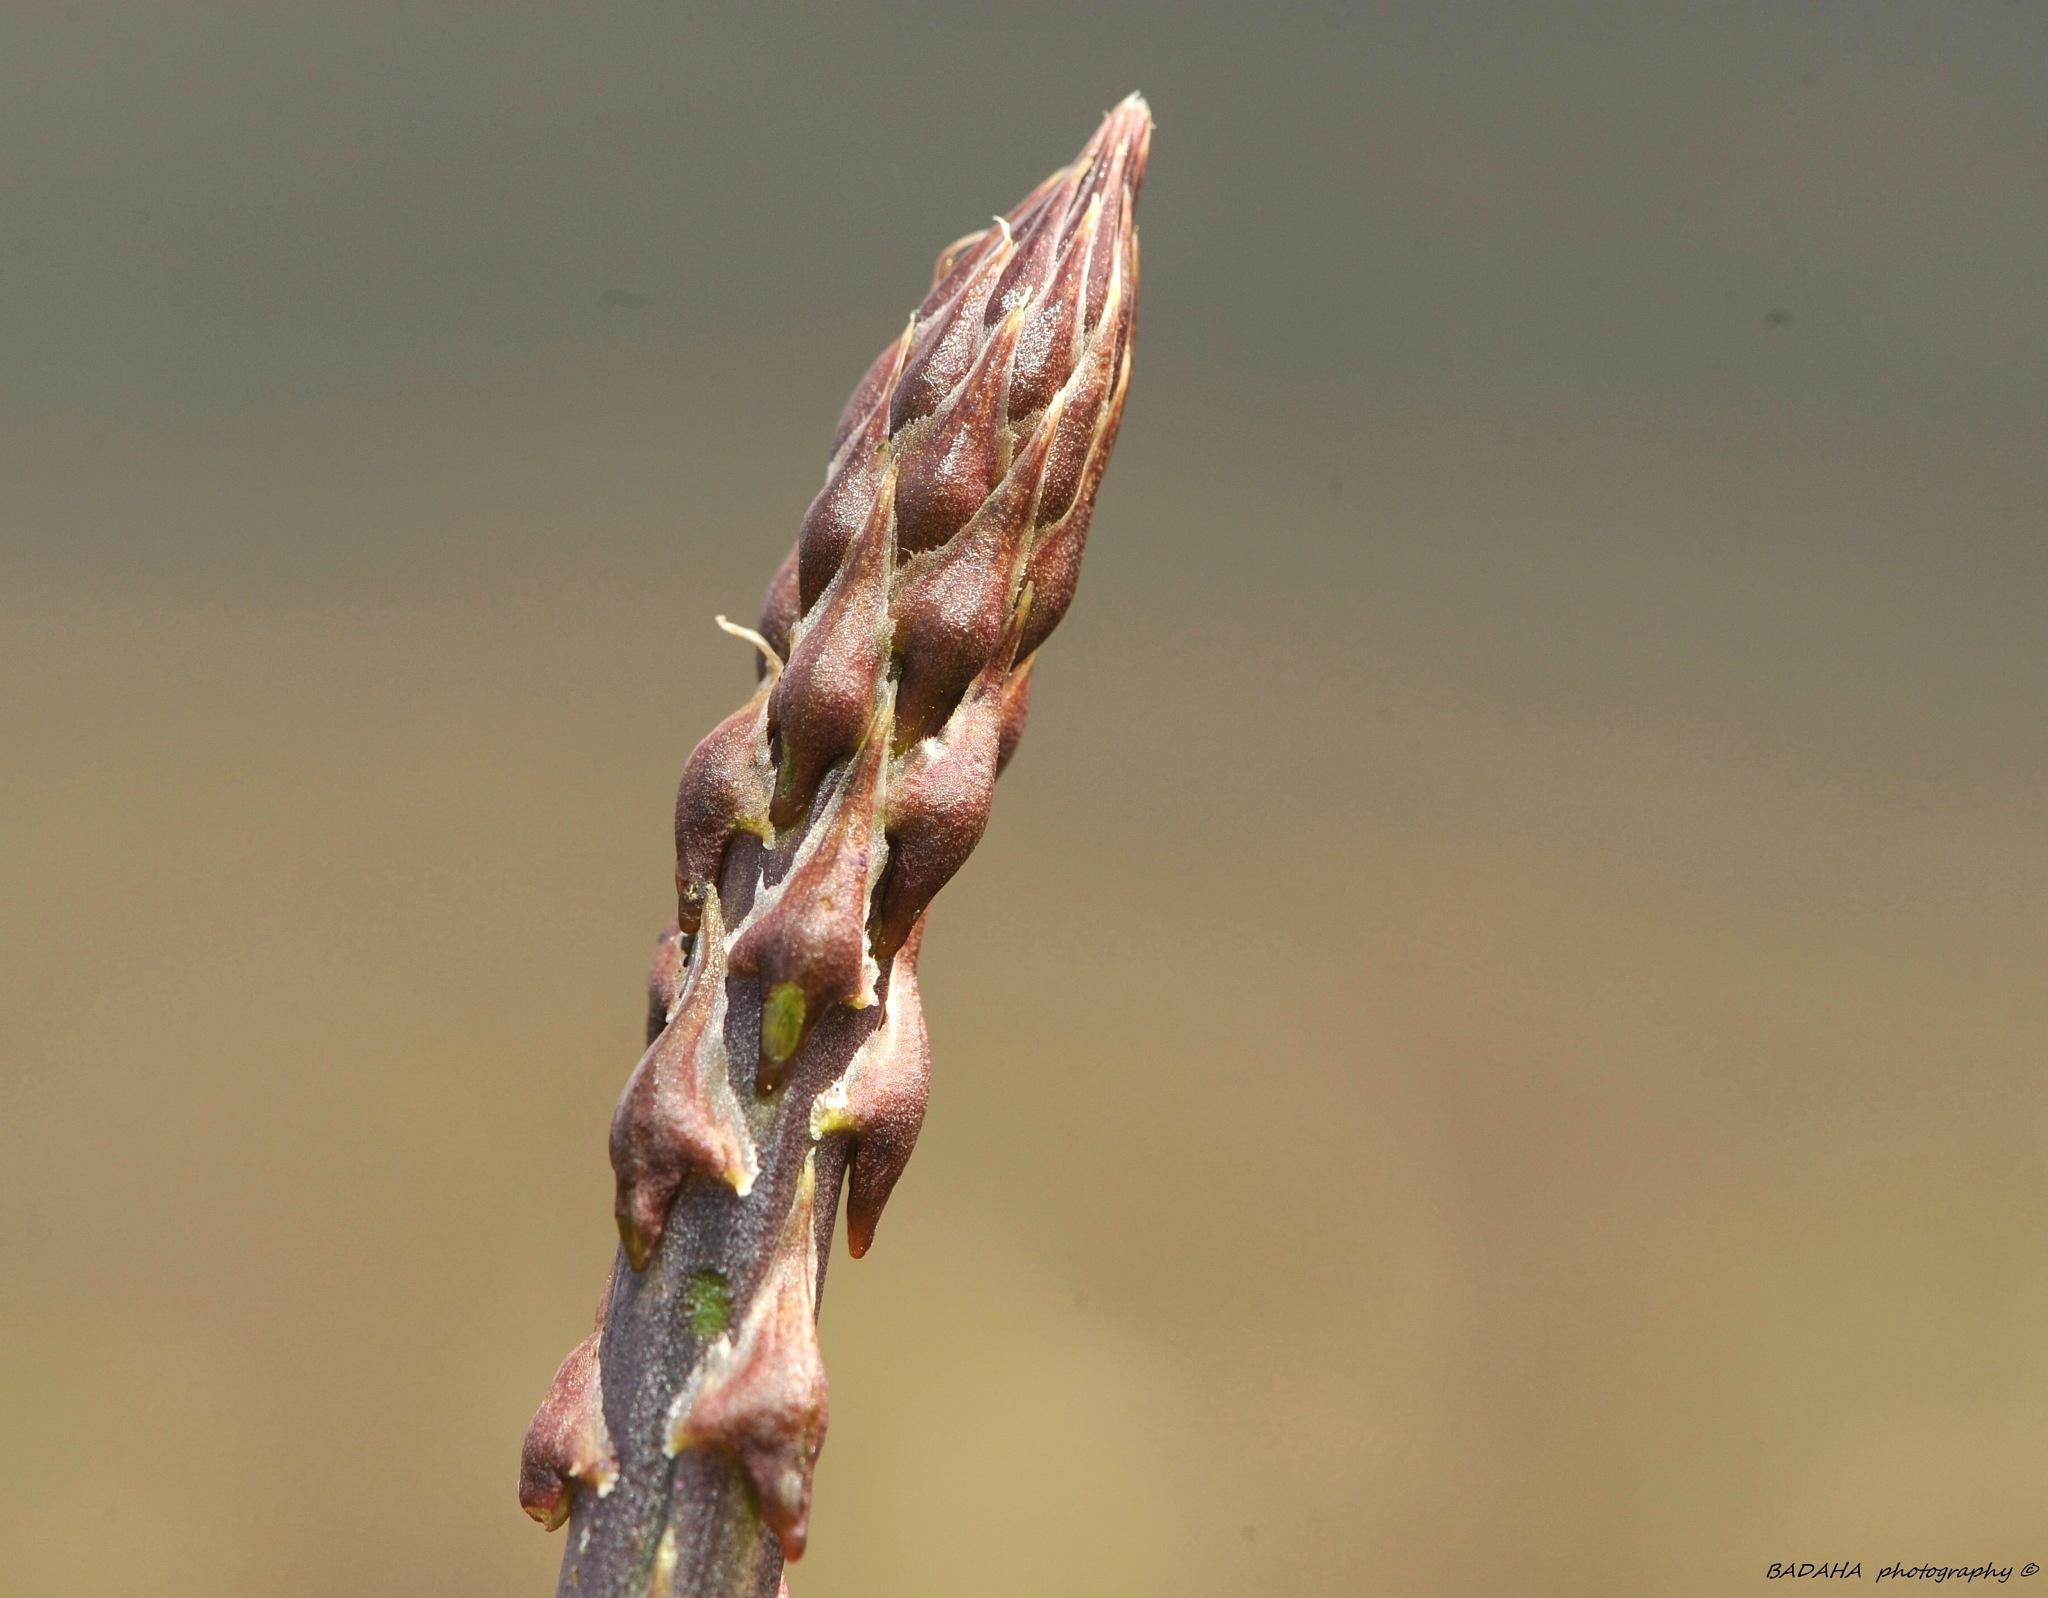 wild asparagus      by Mohammad Badaha